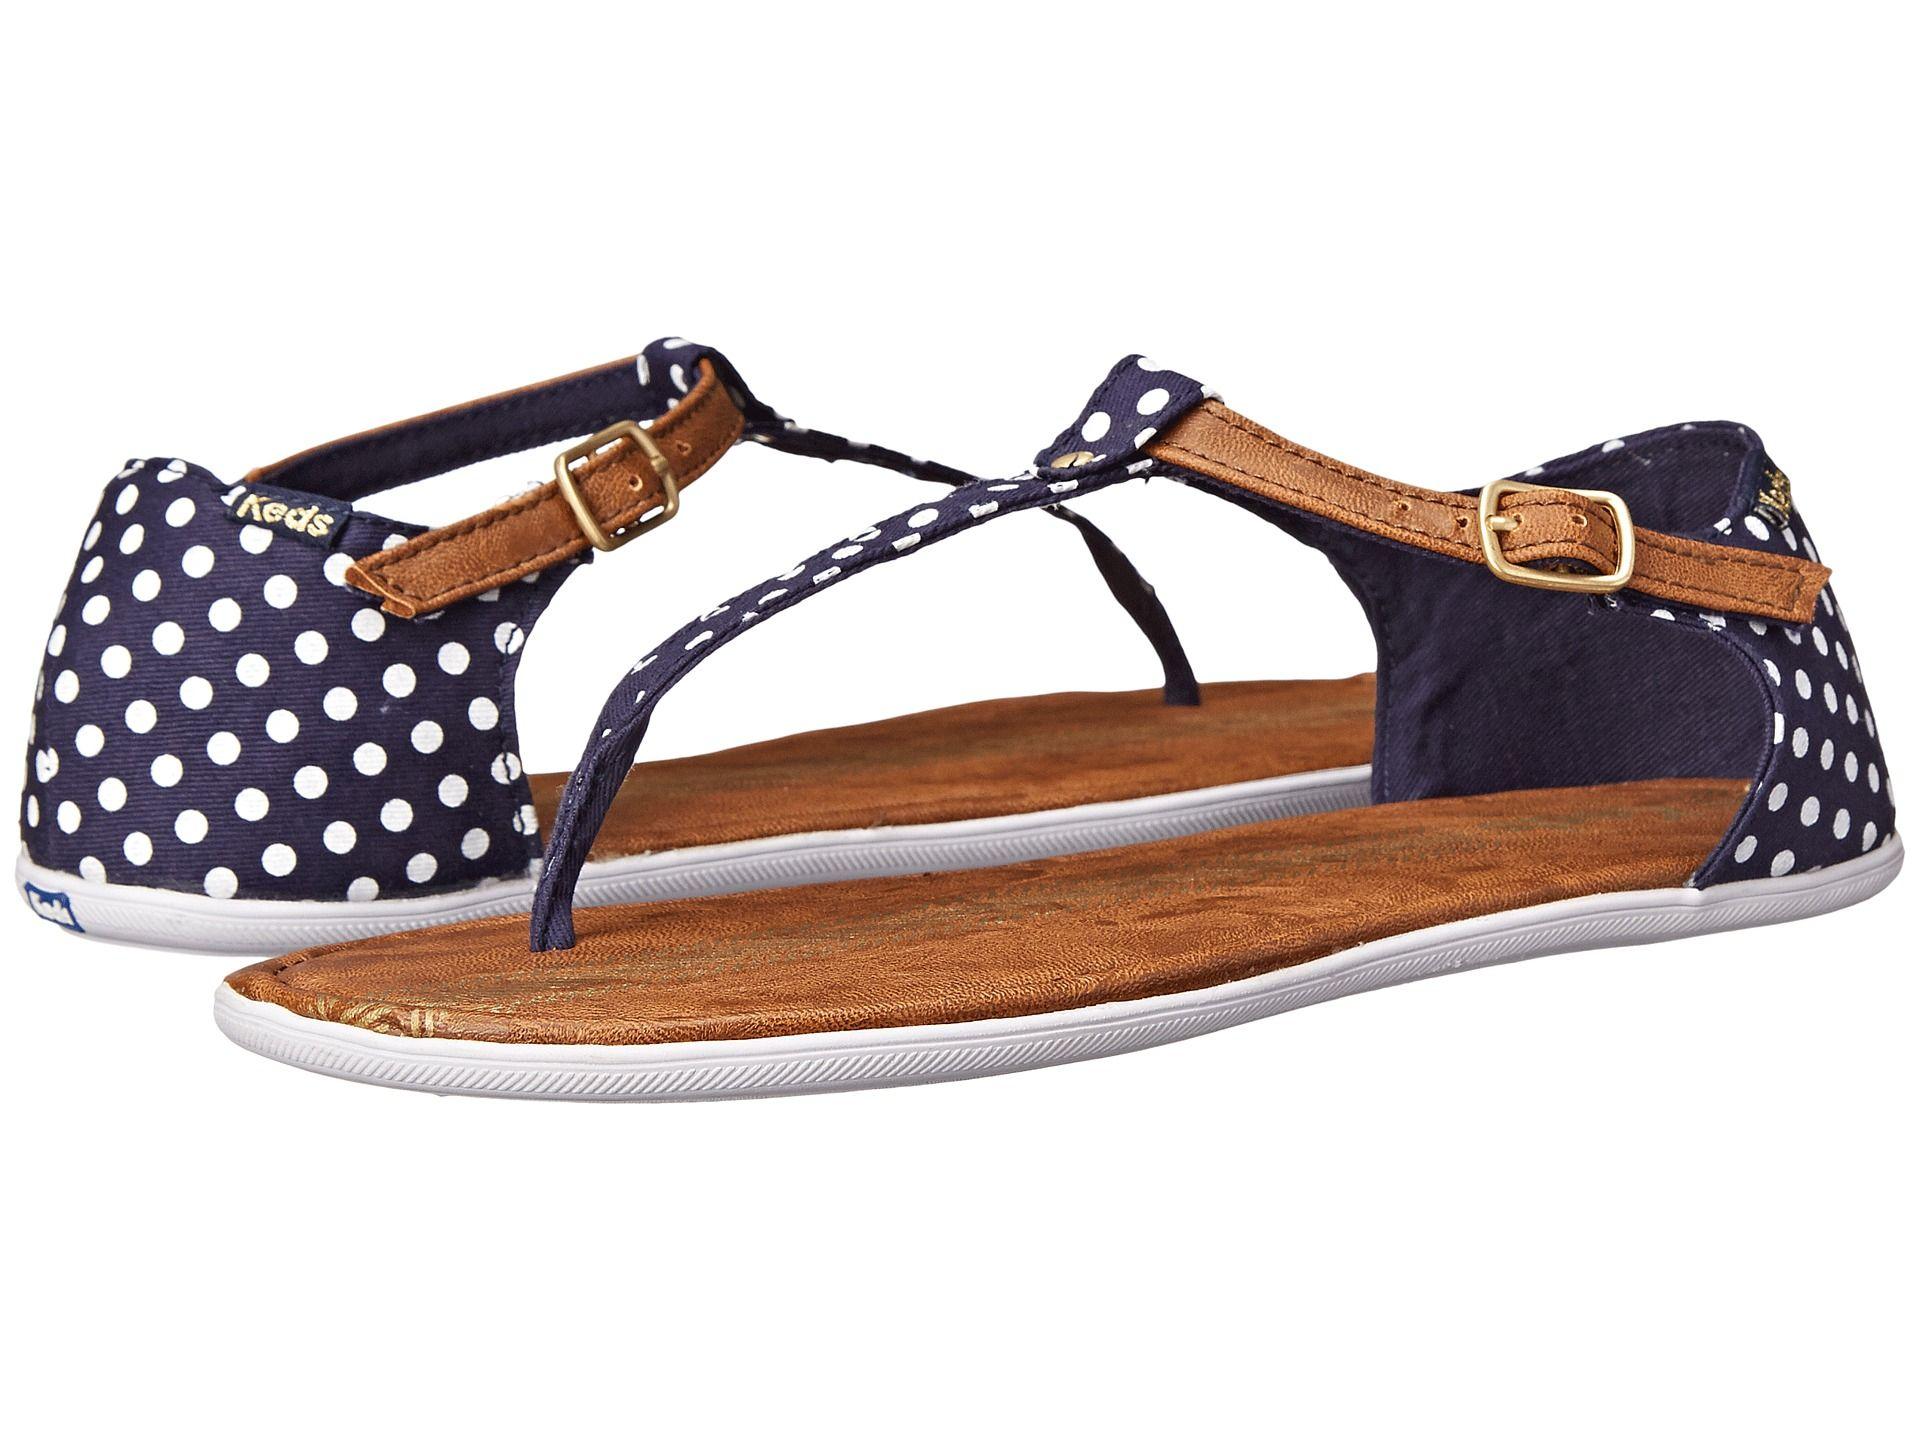 Women Sandals Keds Tealight TStrap Dot Navy